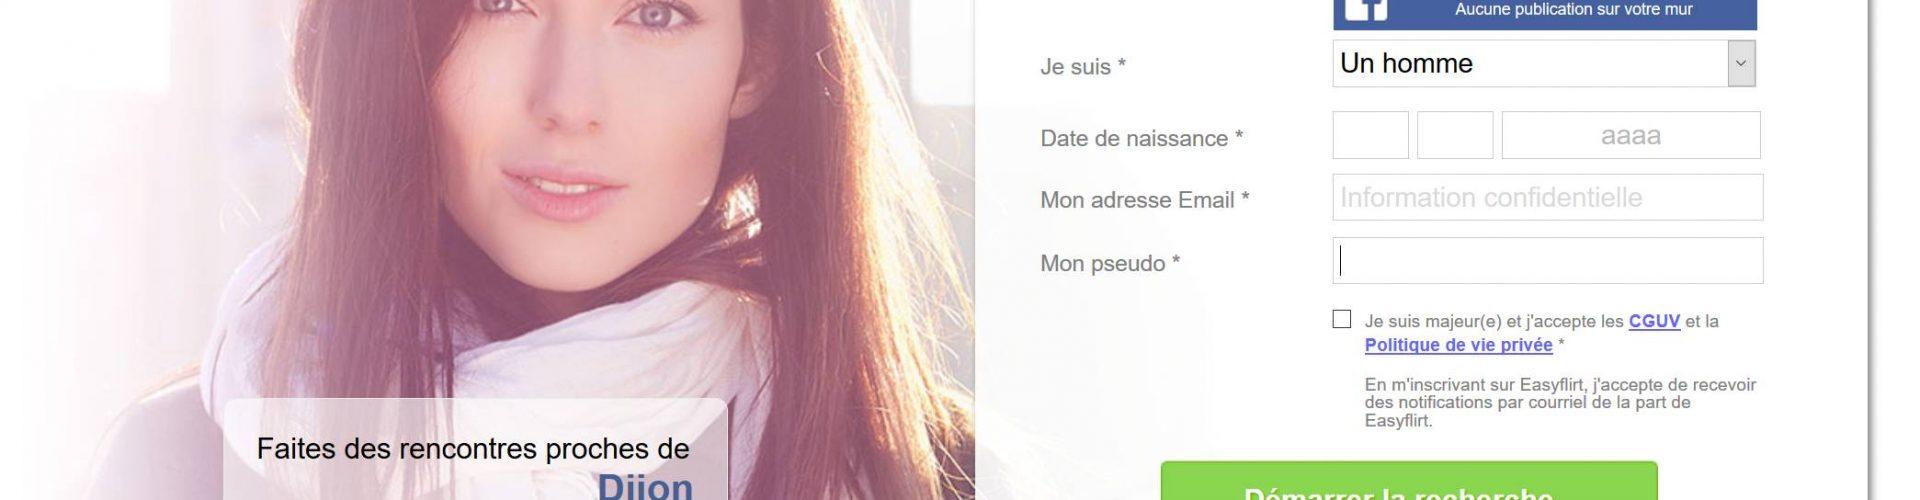 Easyflirt est le nouveau site prisé par les femmes